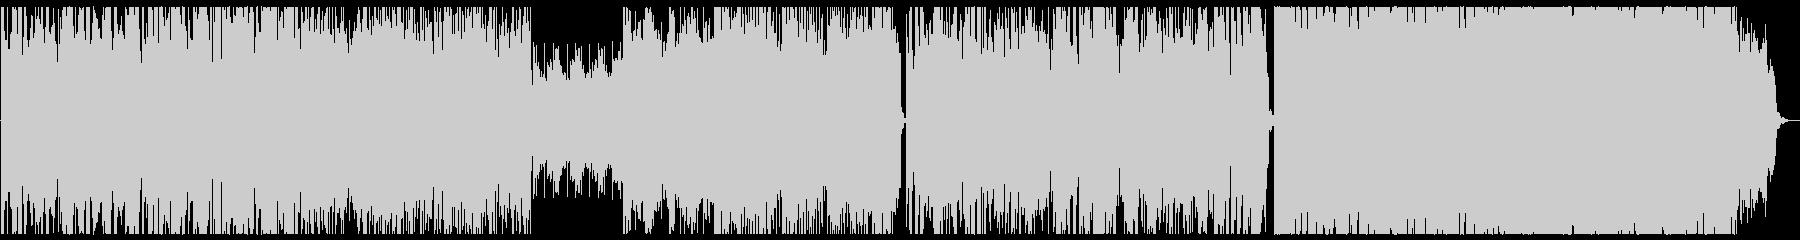 和風音階エレクトロニカ 明るめ軽快の未再生の波形